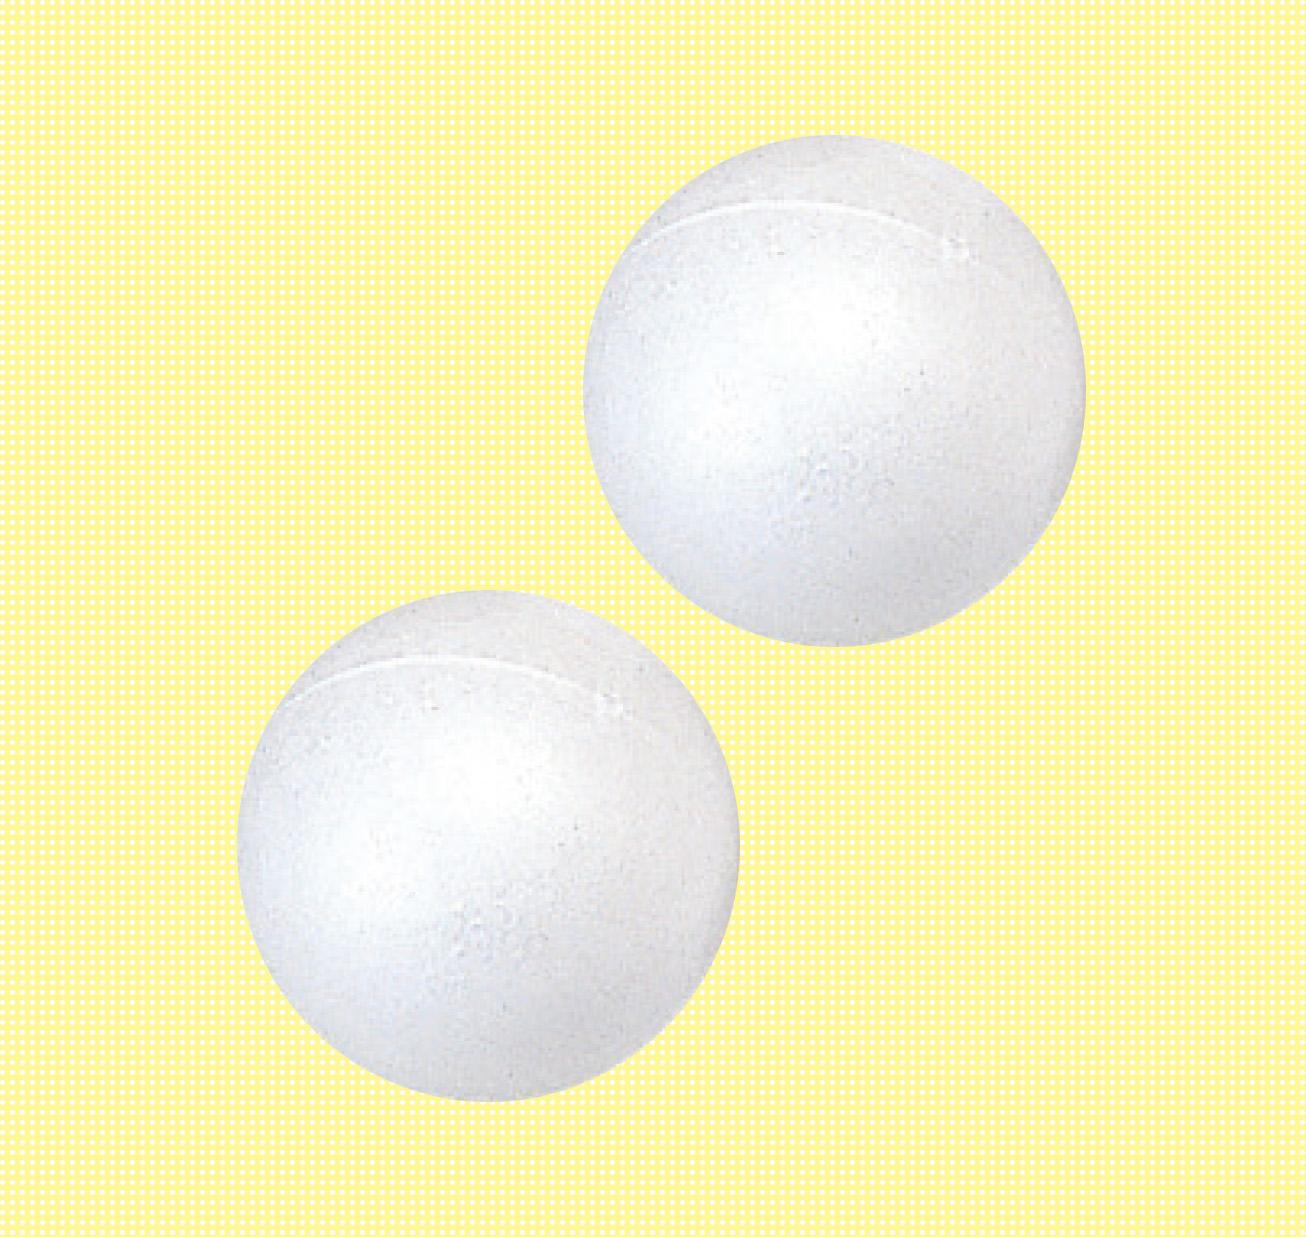 発泡球Bφ65(5個入) サムネイル